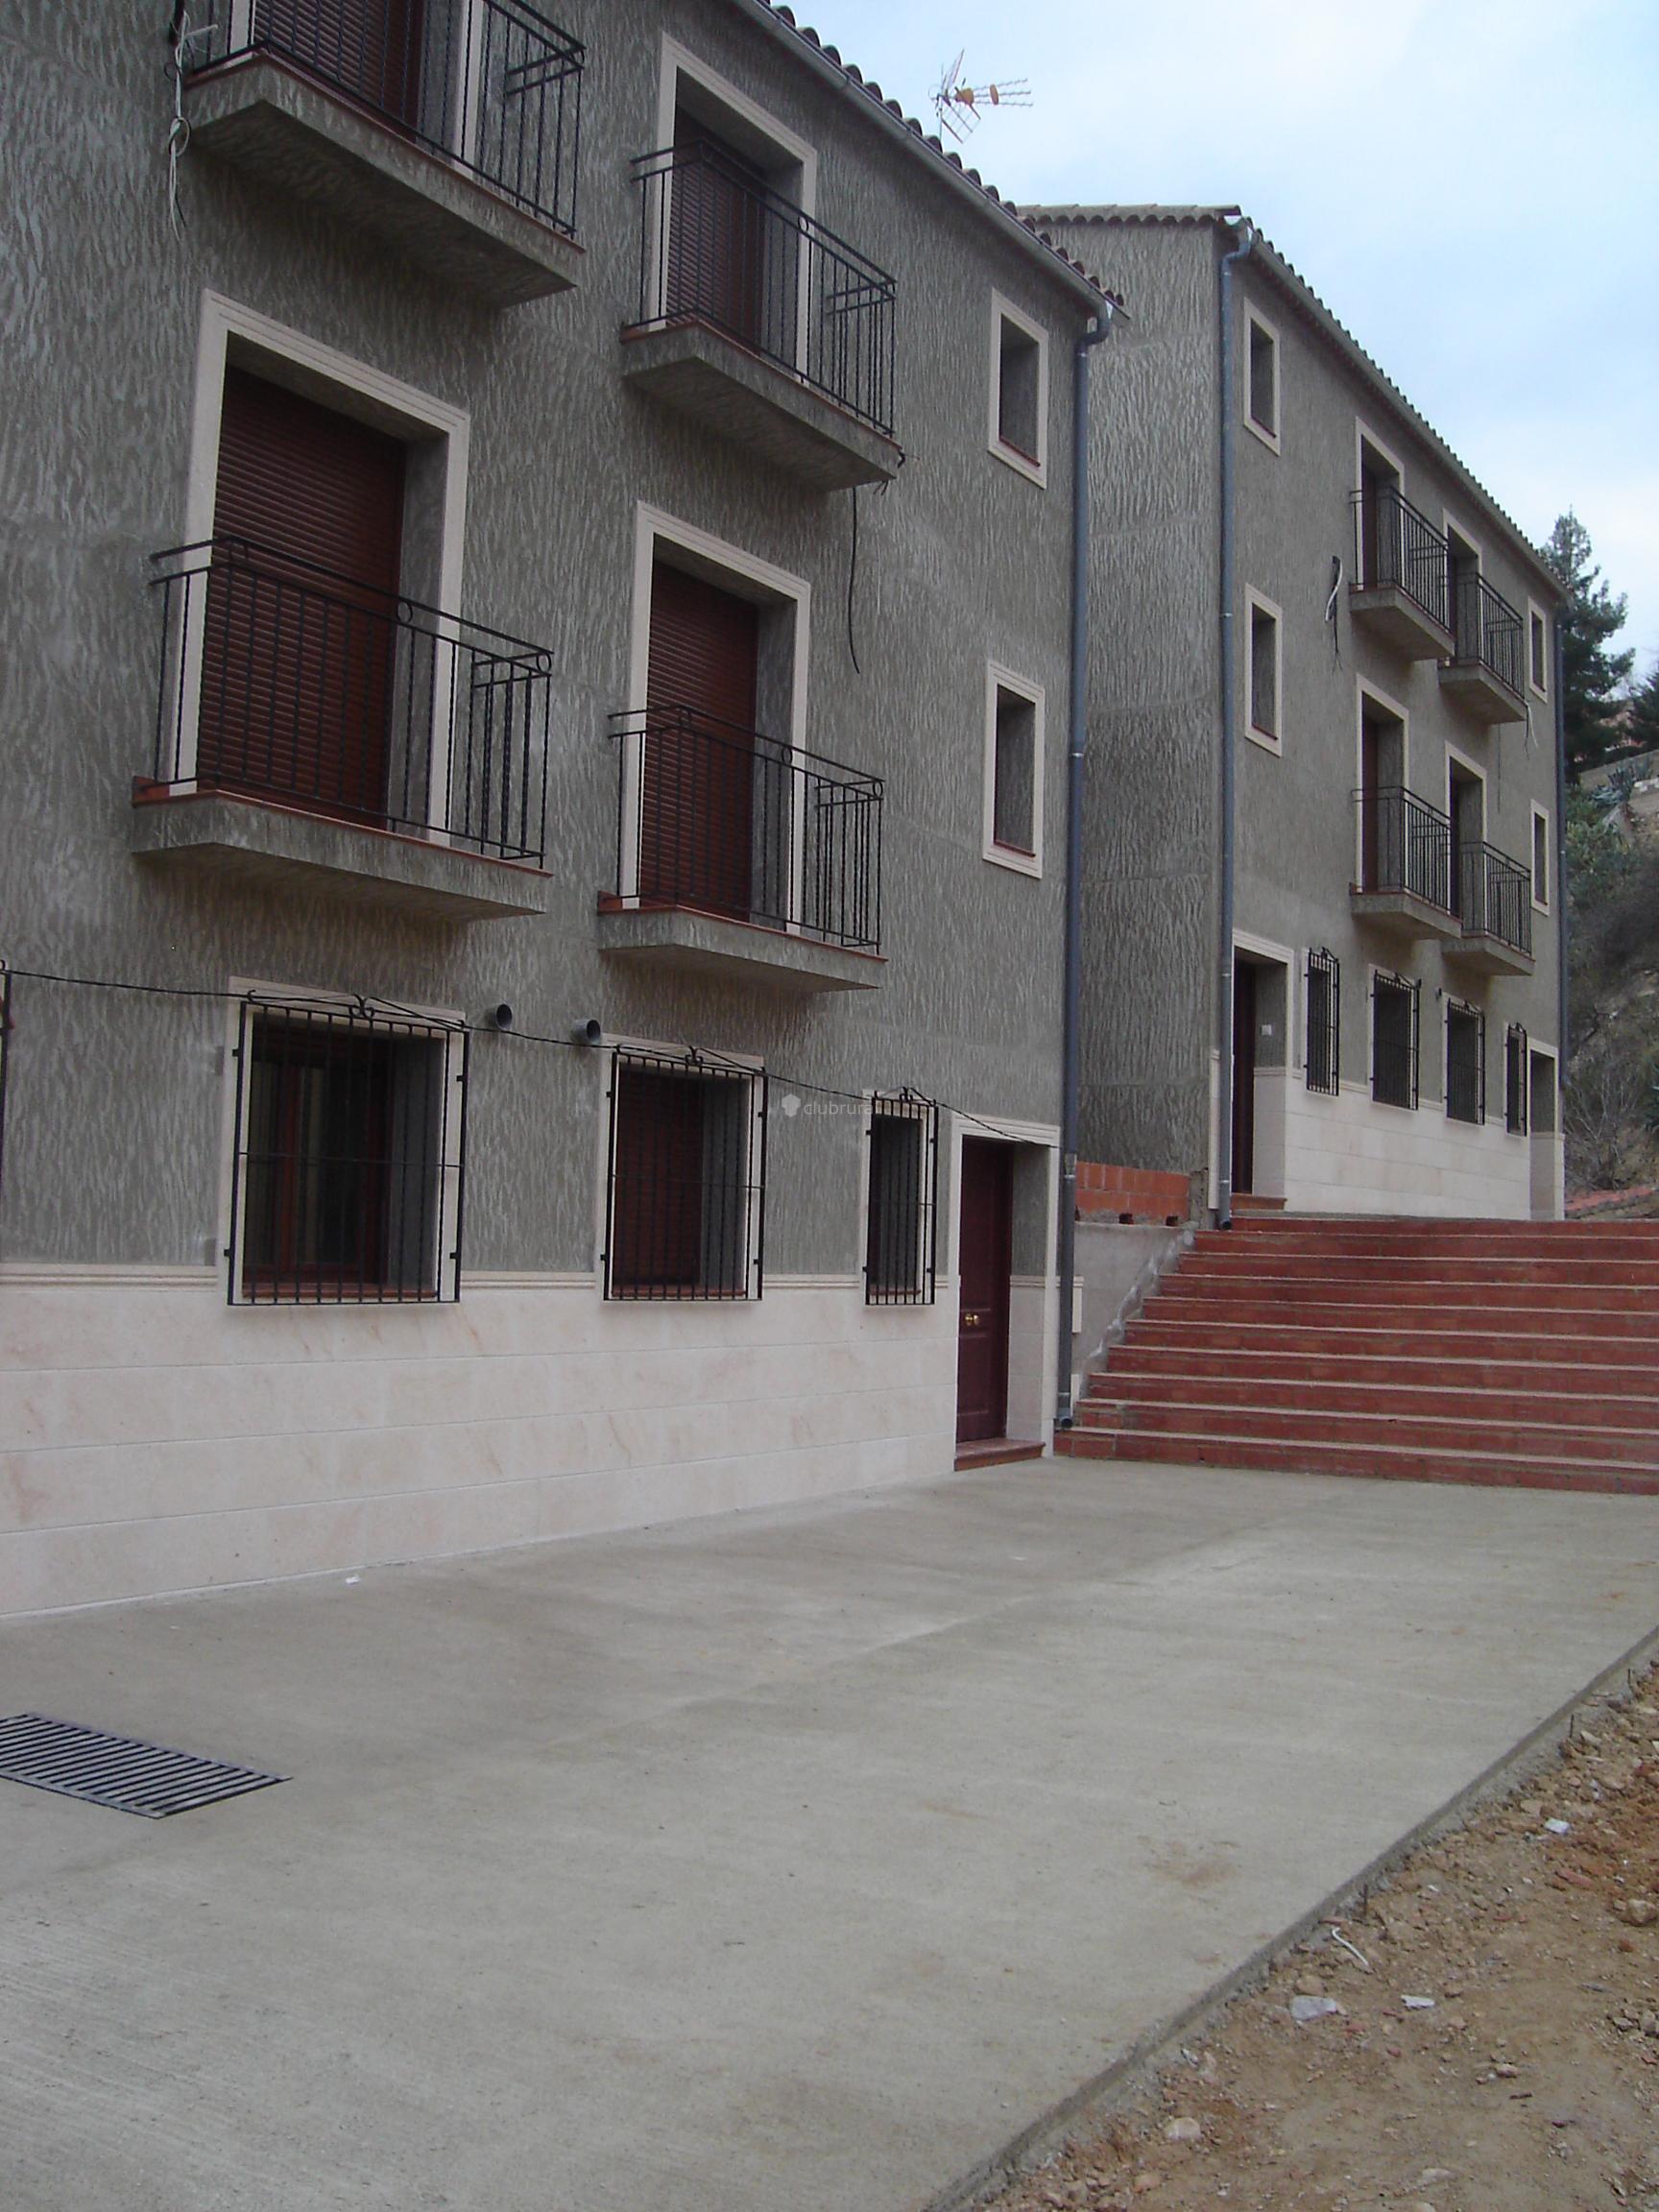 Fotos de casas rurales fuentecica albacete yeste - Fotos casas rurales ...